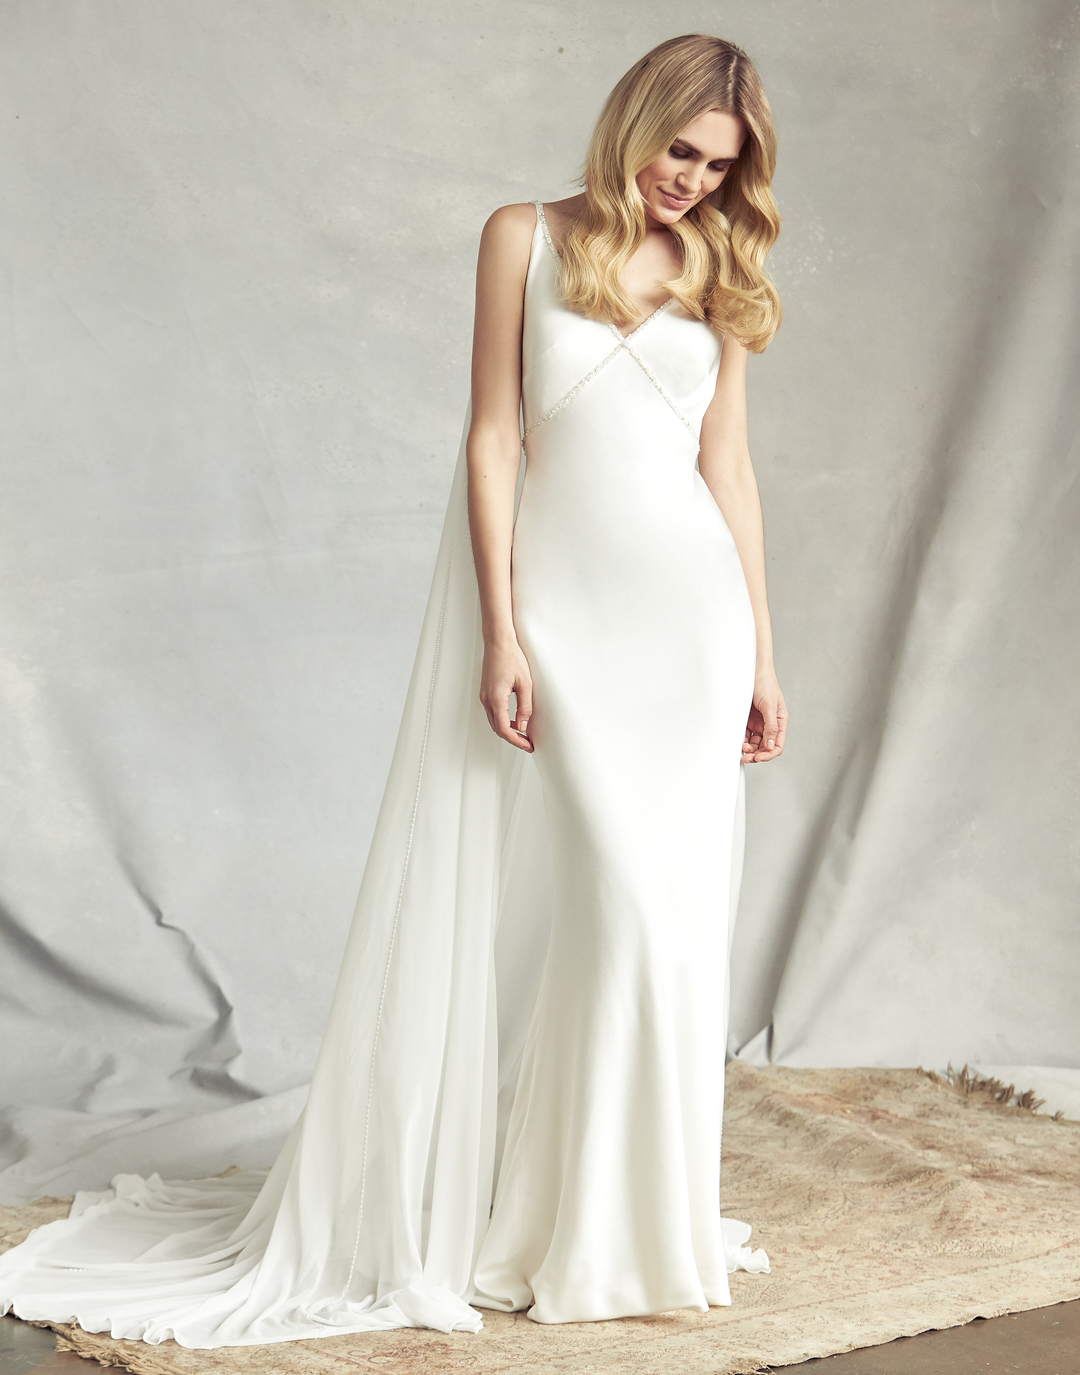 adeline dress photo